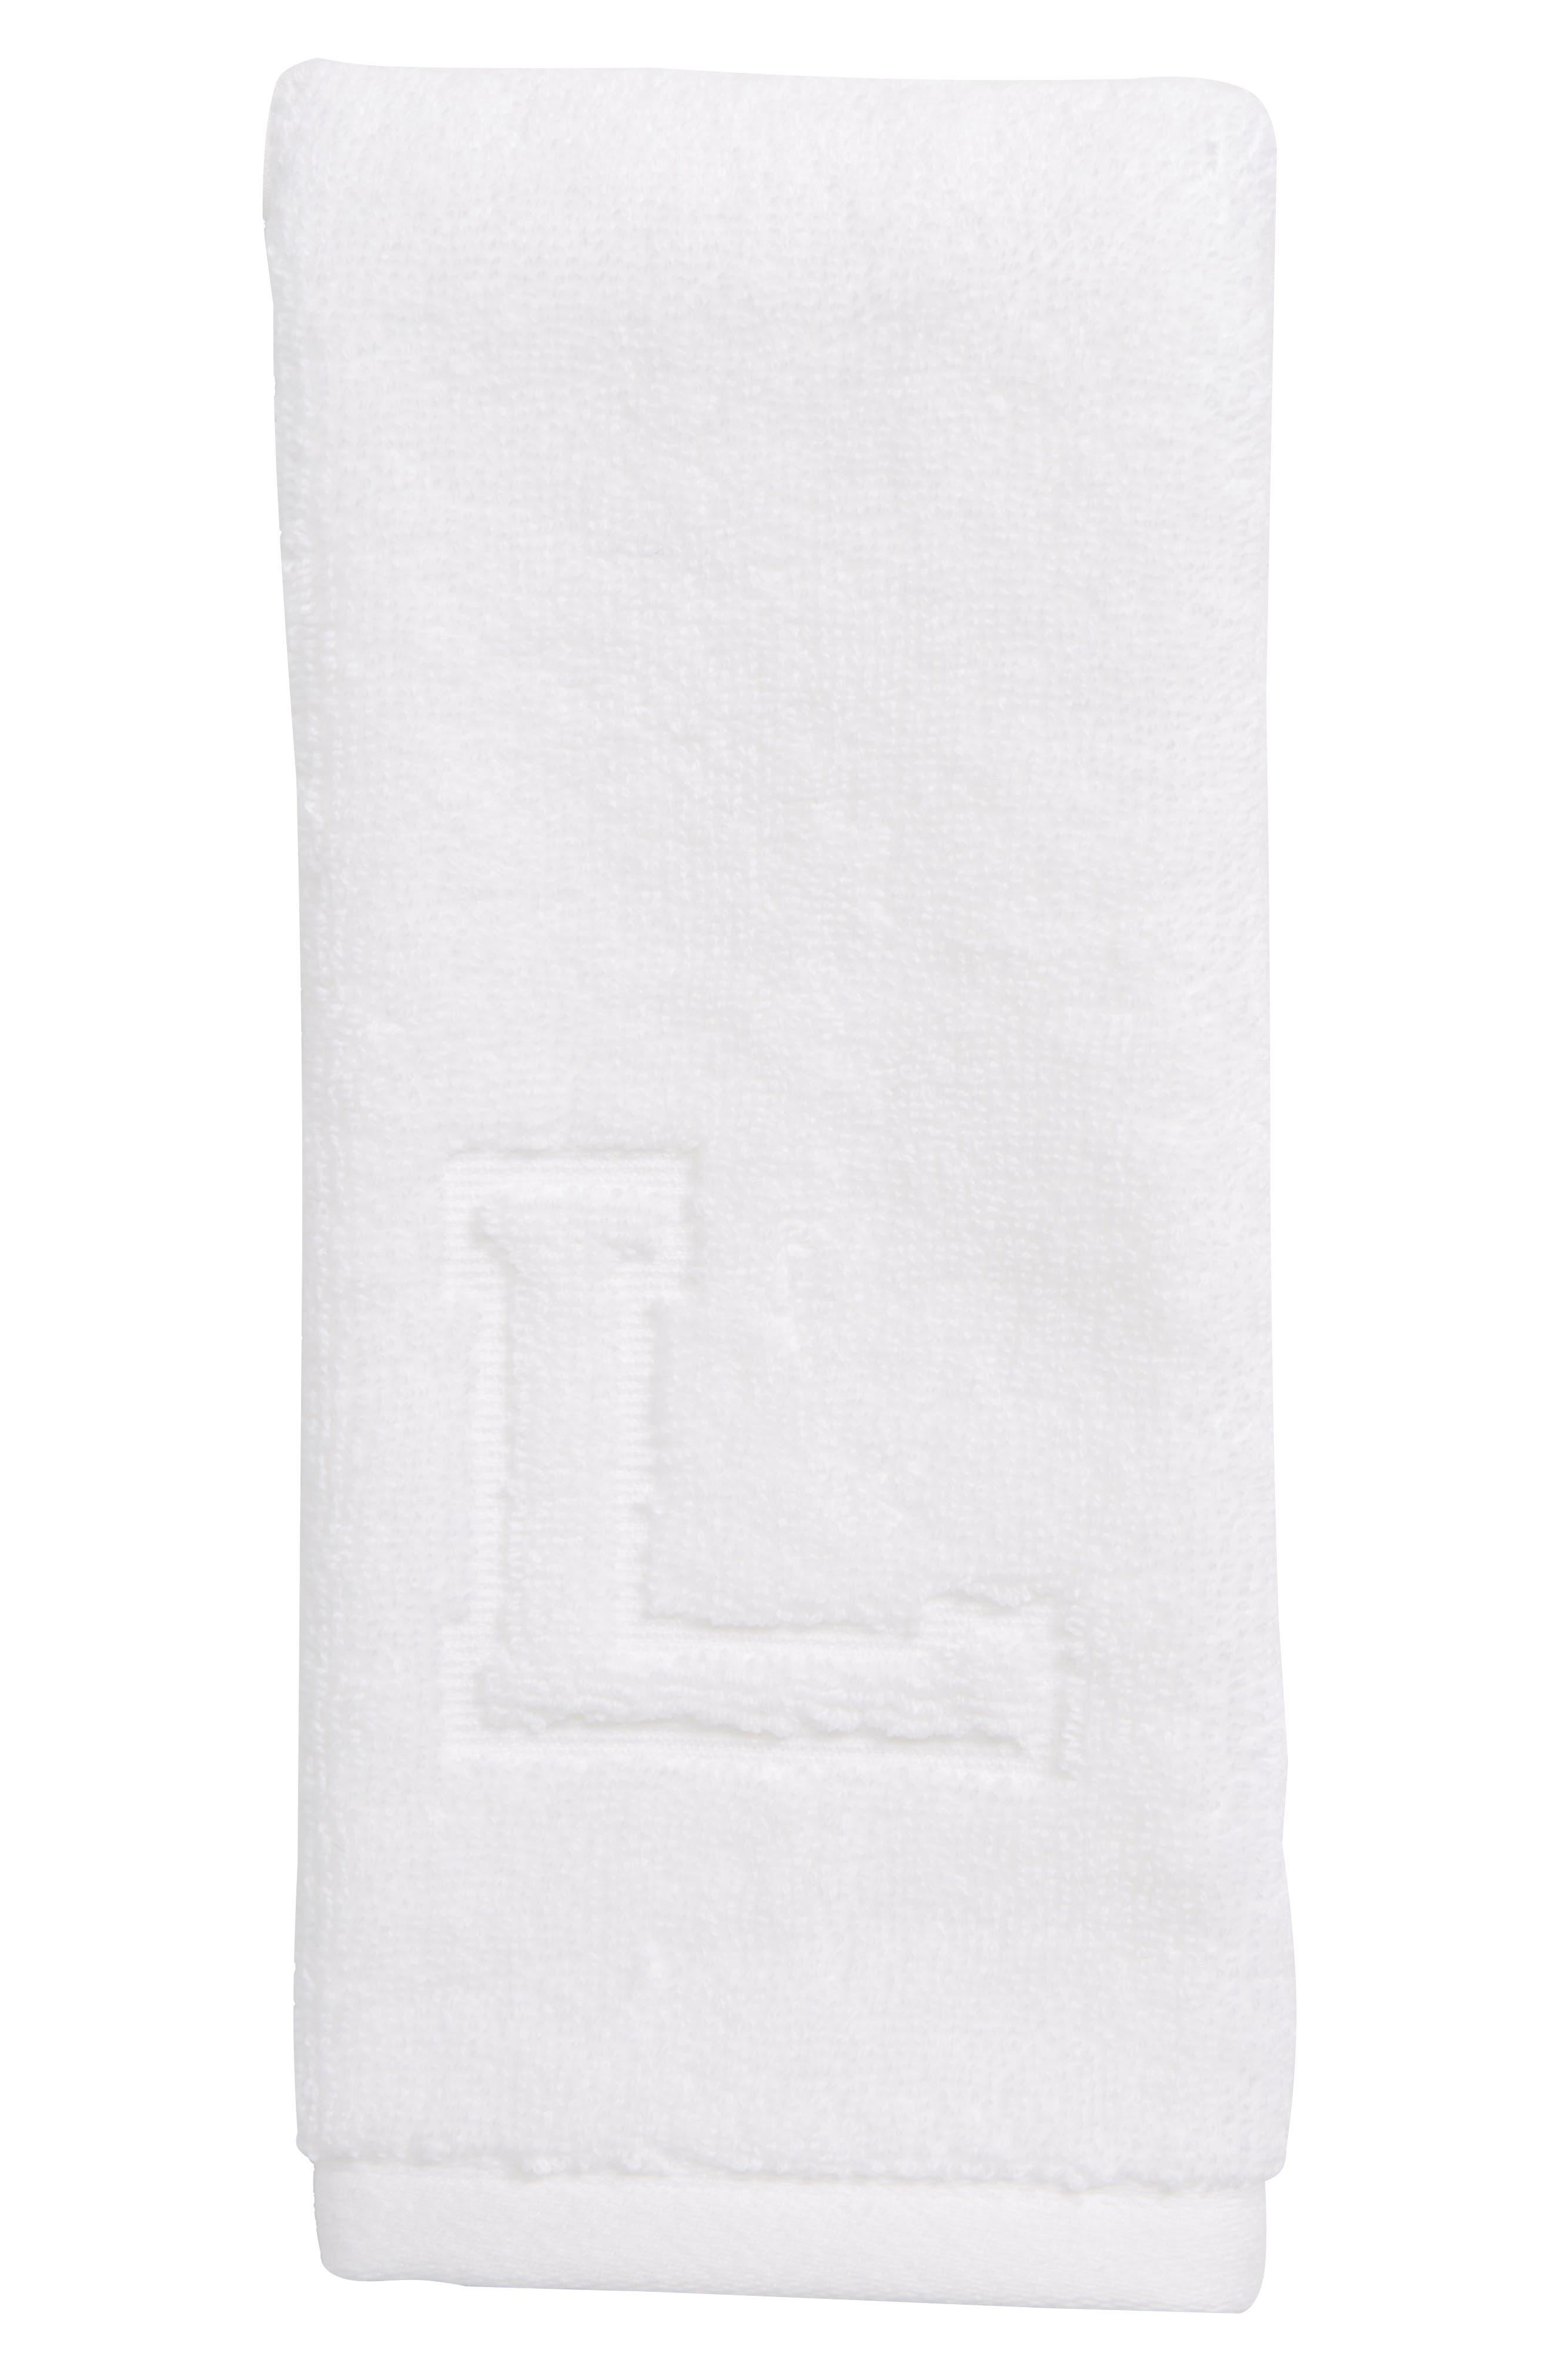 Main Image - Matouk Auberge Fingertip Towel